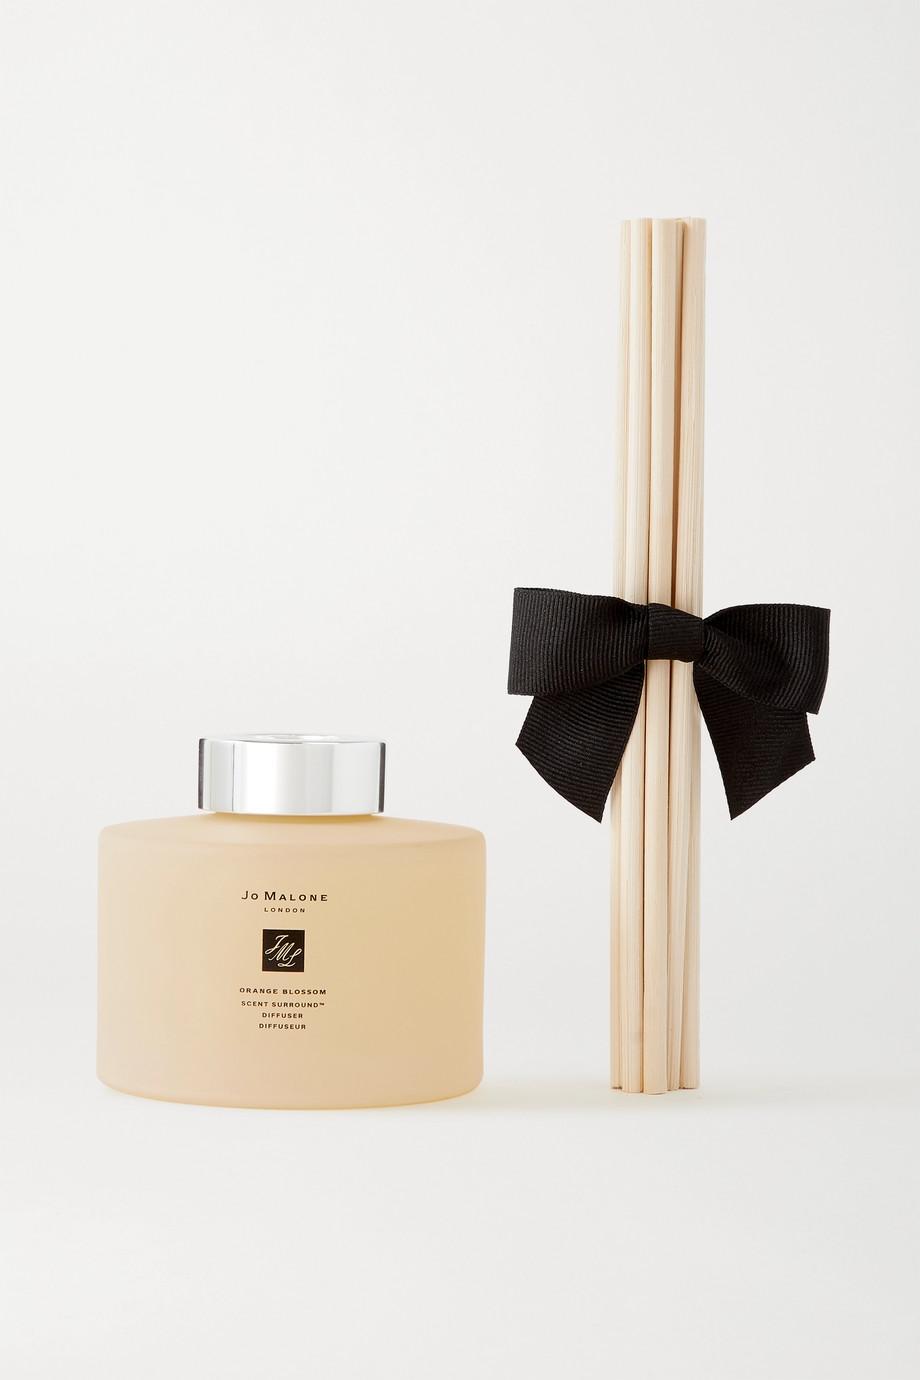 Jo Malone London Scent Surround Diffuser – Orange Blossom, 165 ml – Raumduft